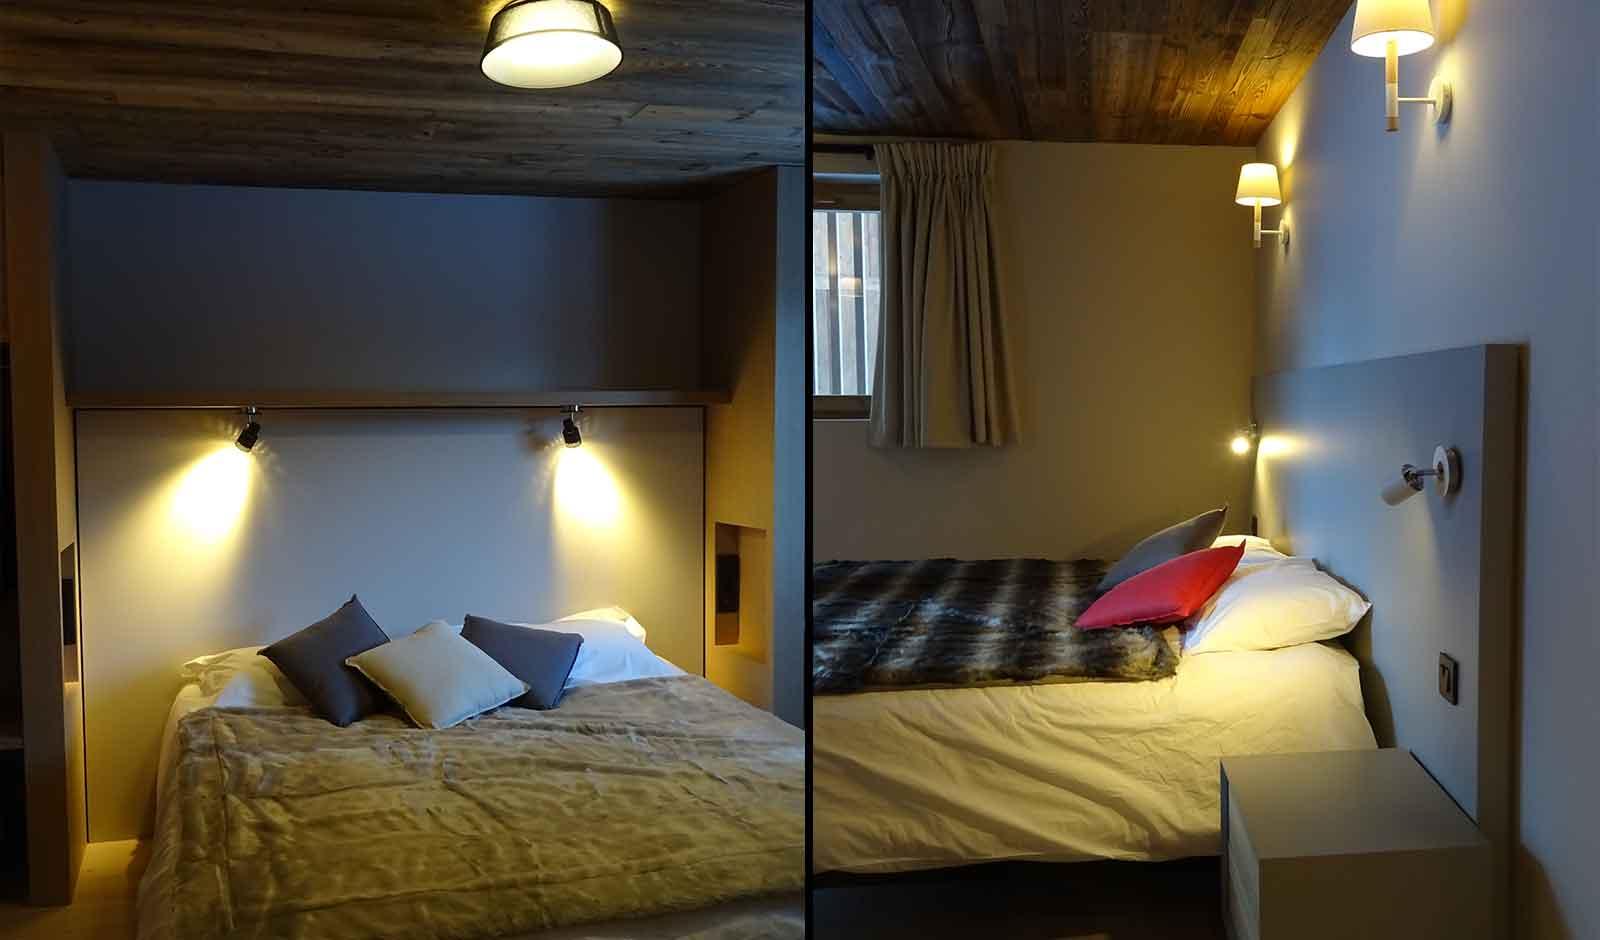 chalet-charlie-7-atelier-crea-and-co-architecte-design-project-manager-meribel-savoie